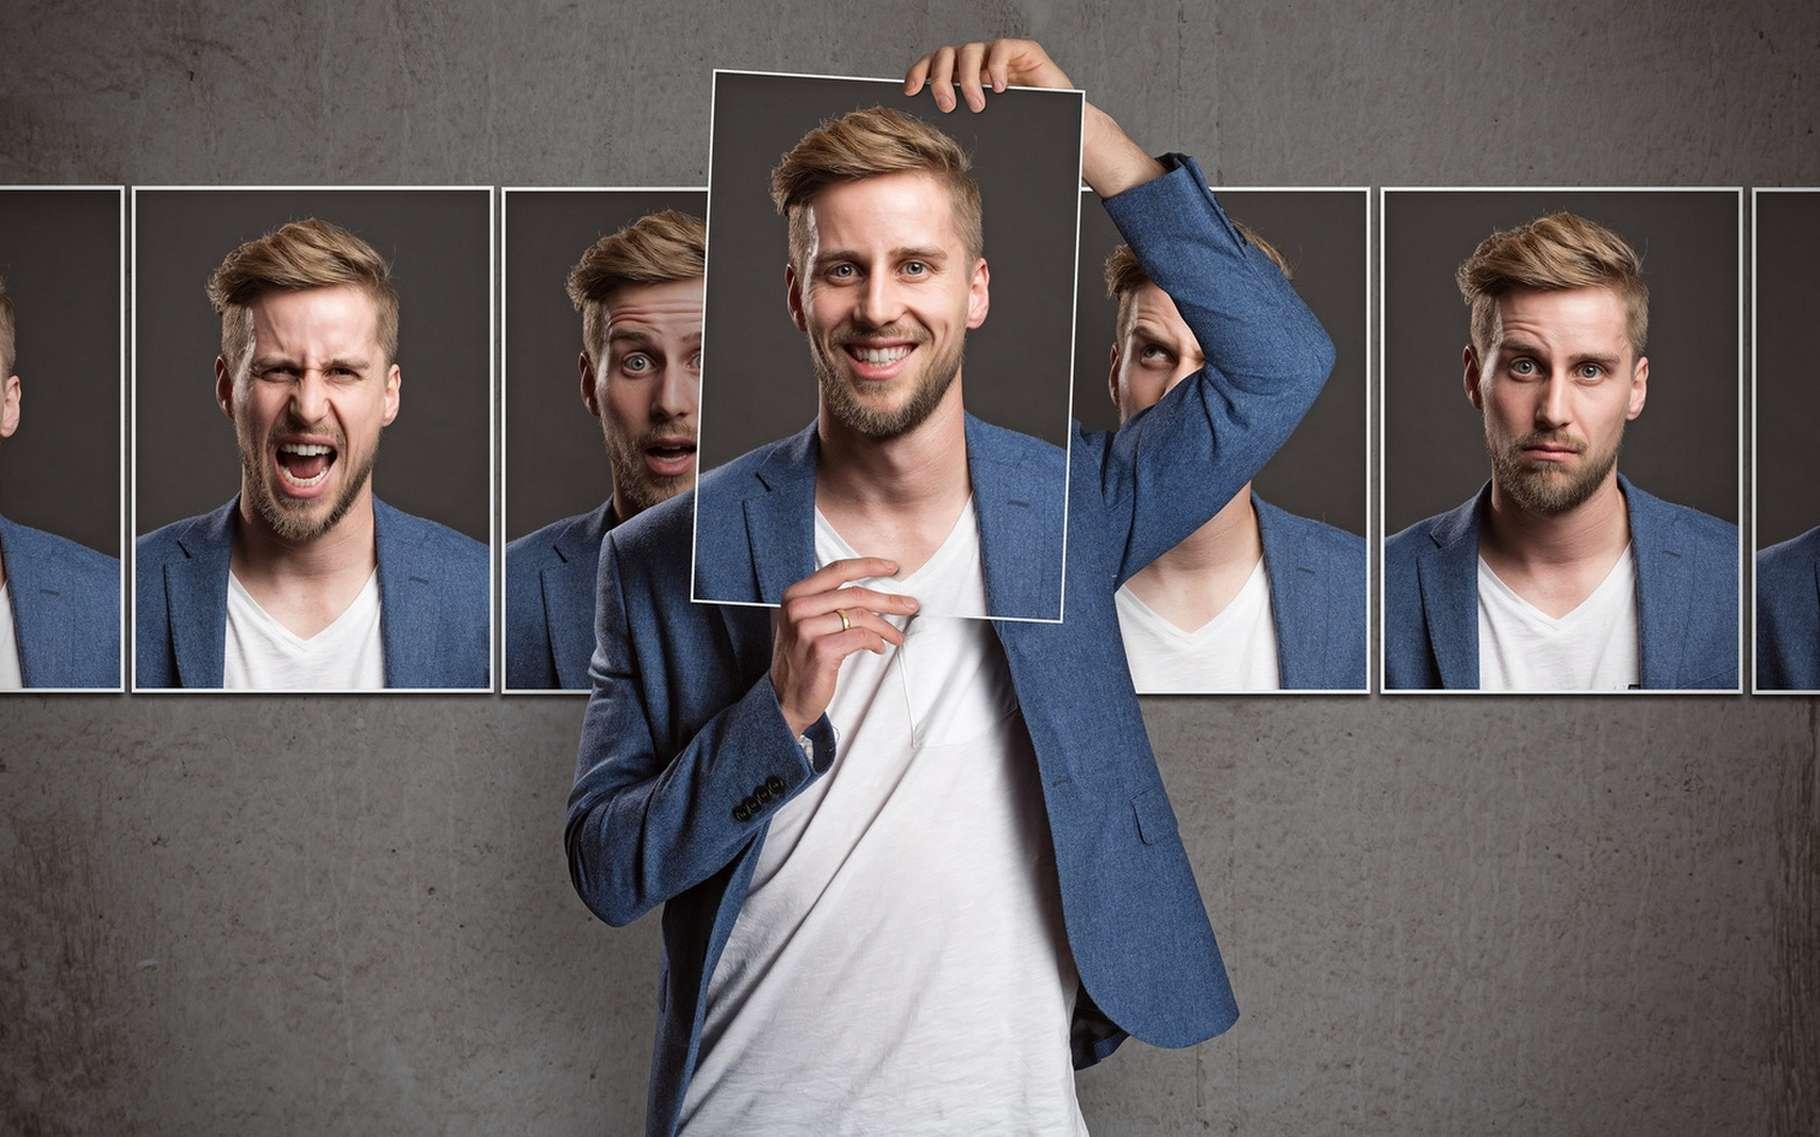 Le recours à la réalité virtuelle pour les échanges sociaux par avatars interposés suppose de pouvoir retranscrire les émotions qui accompagnent tout échange verbal. © Lassedesignen, Fotolia